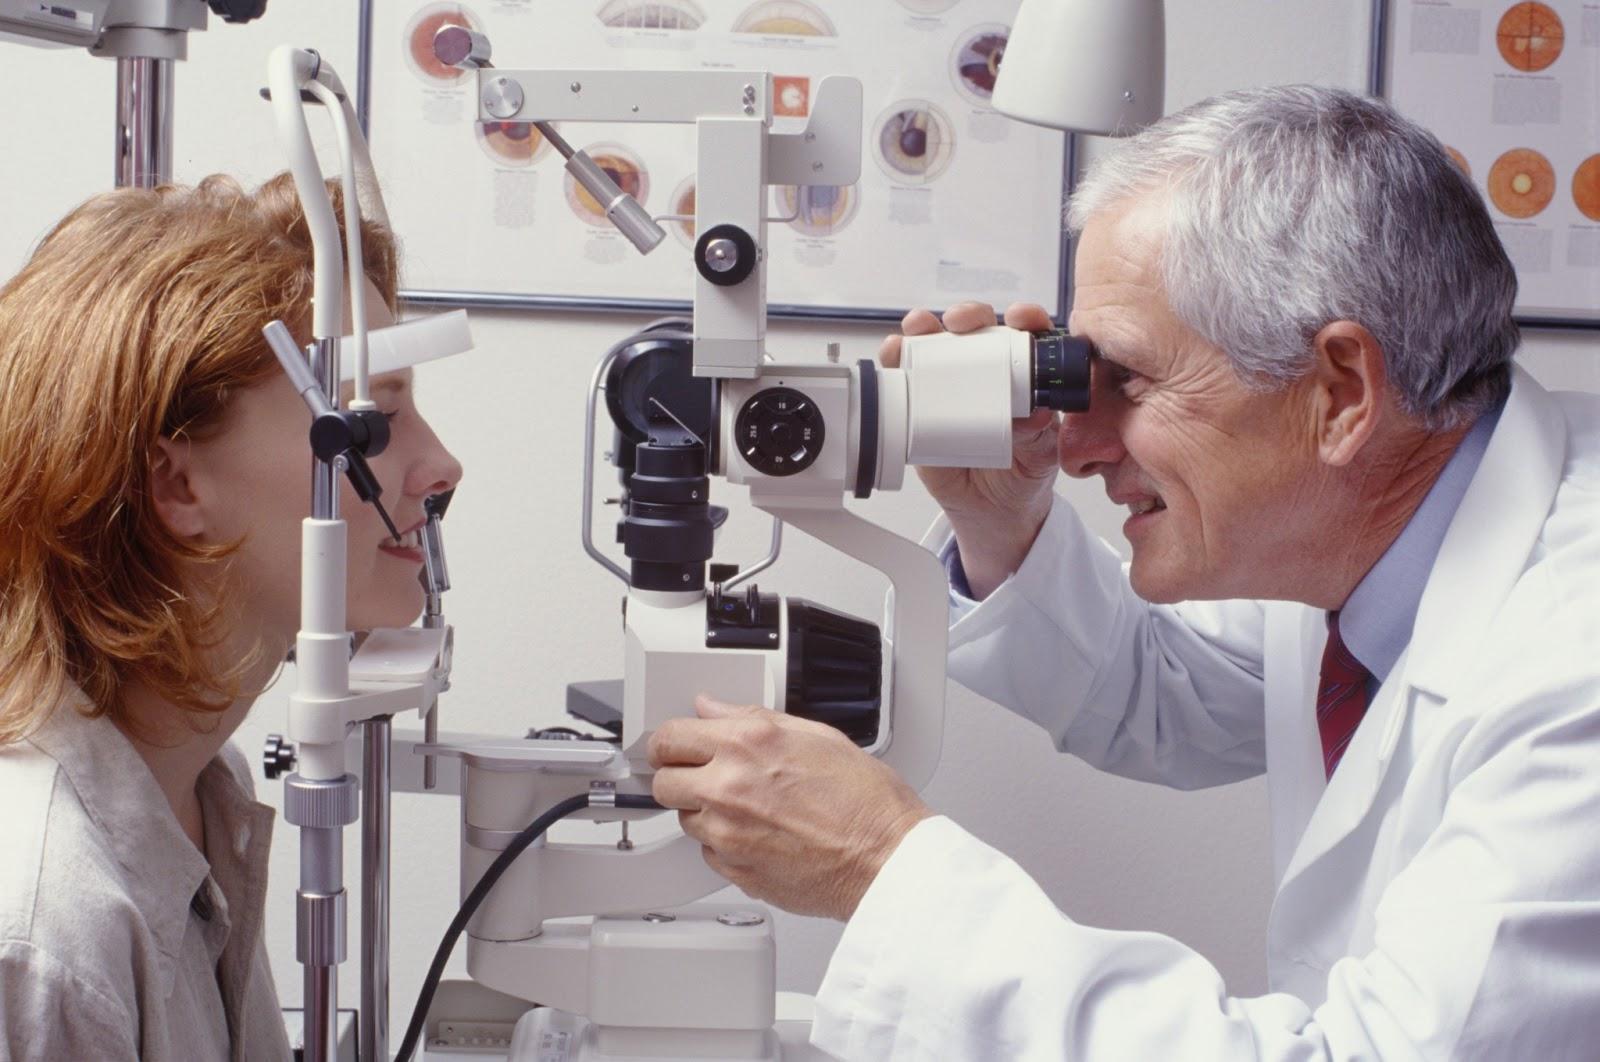 látásvesztés stroke után vö. a látás javítása érdekében